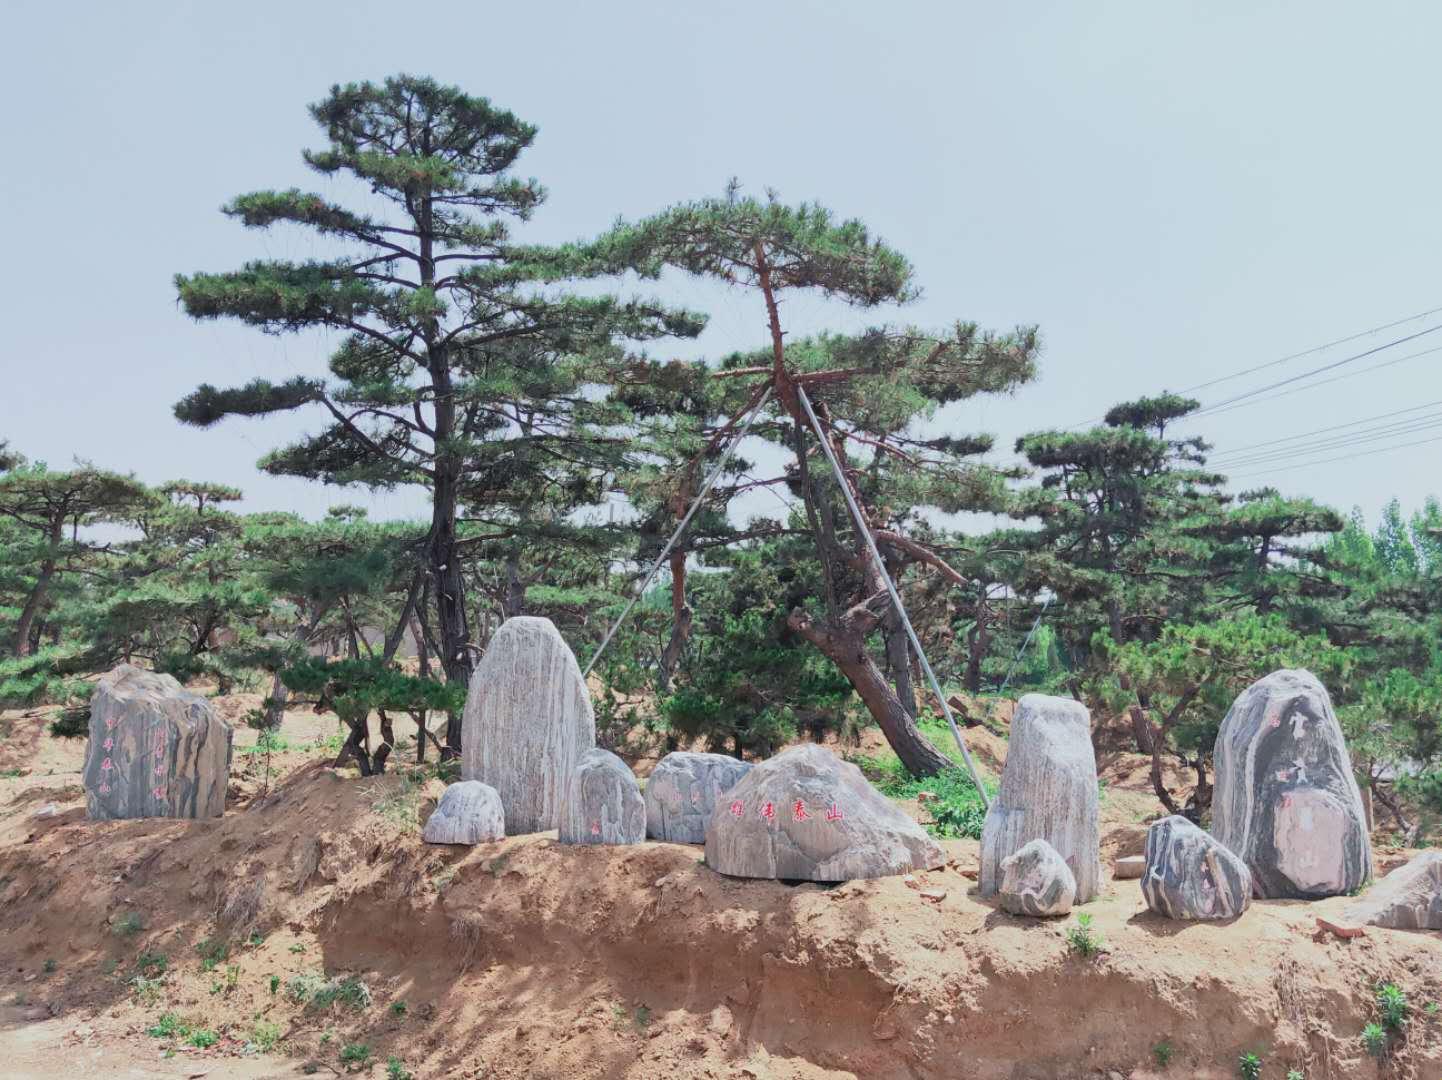 褐斑病后期会使造型松树的树干出现褐色斑点